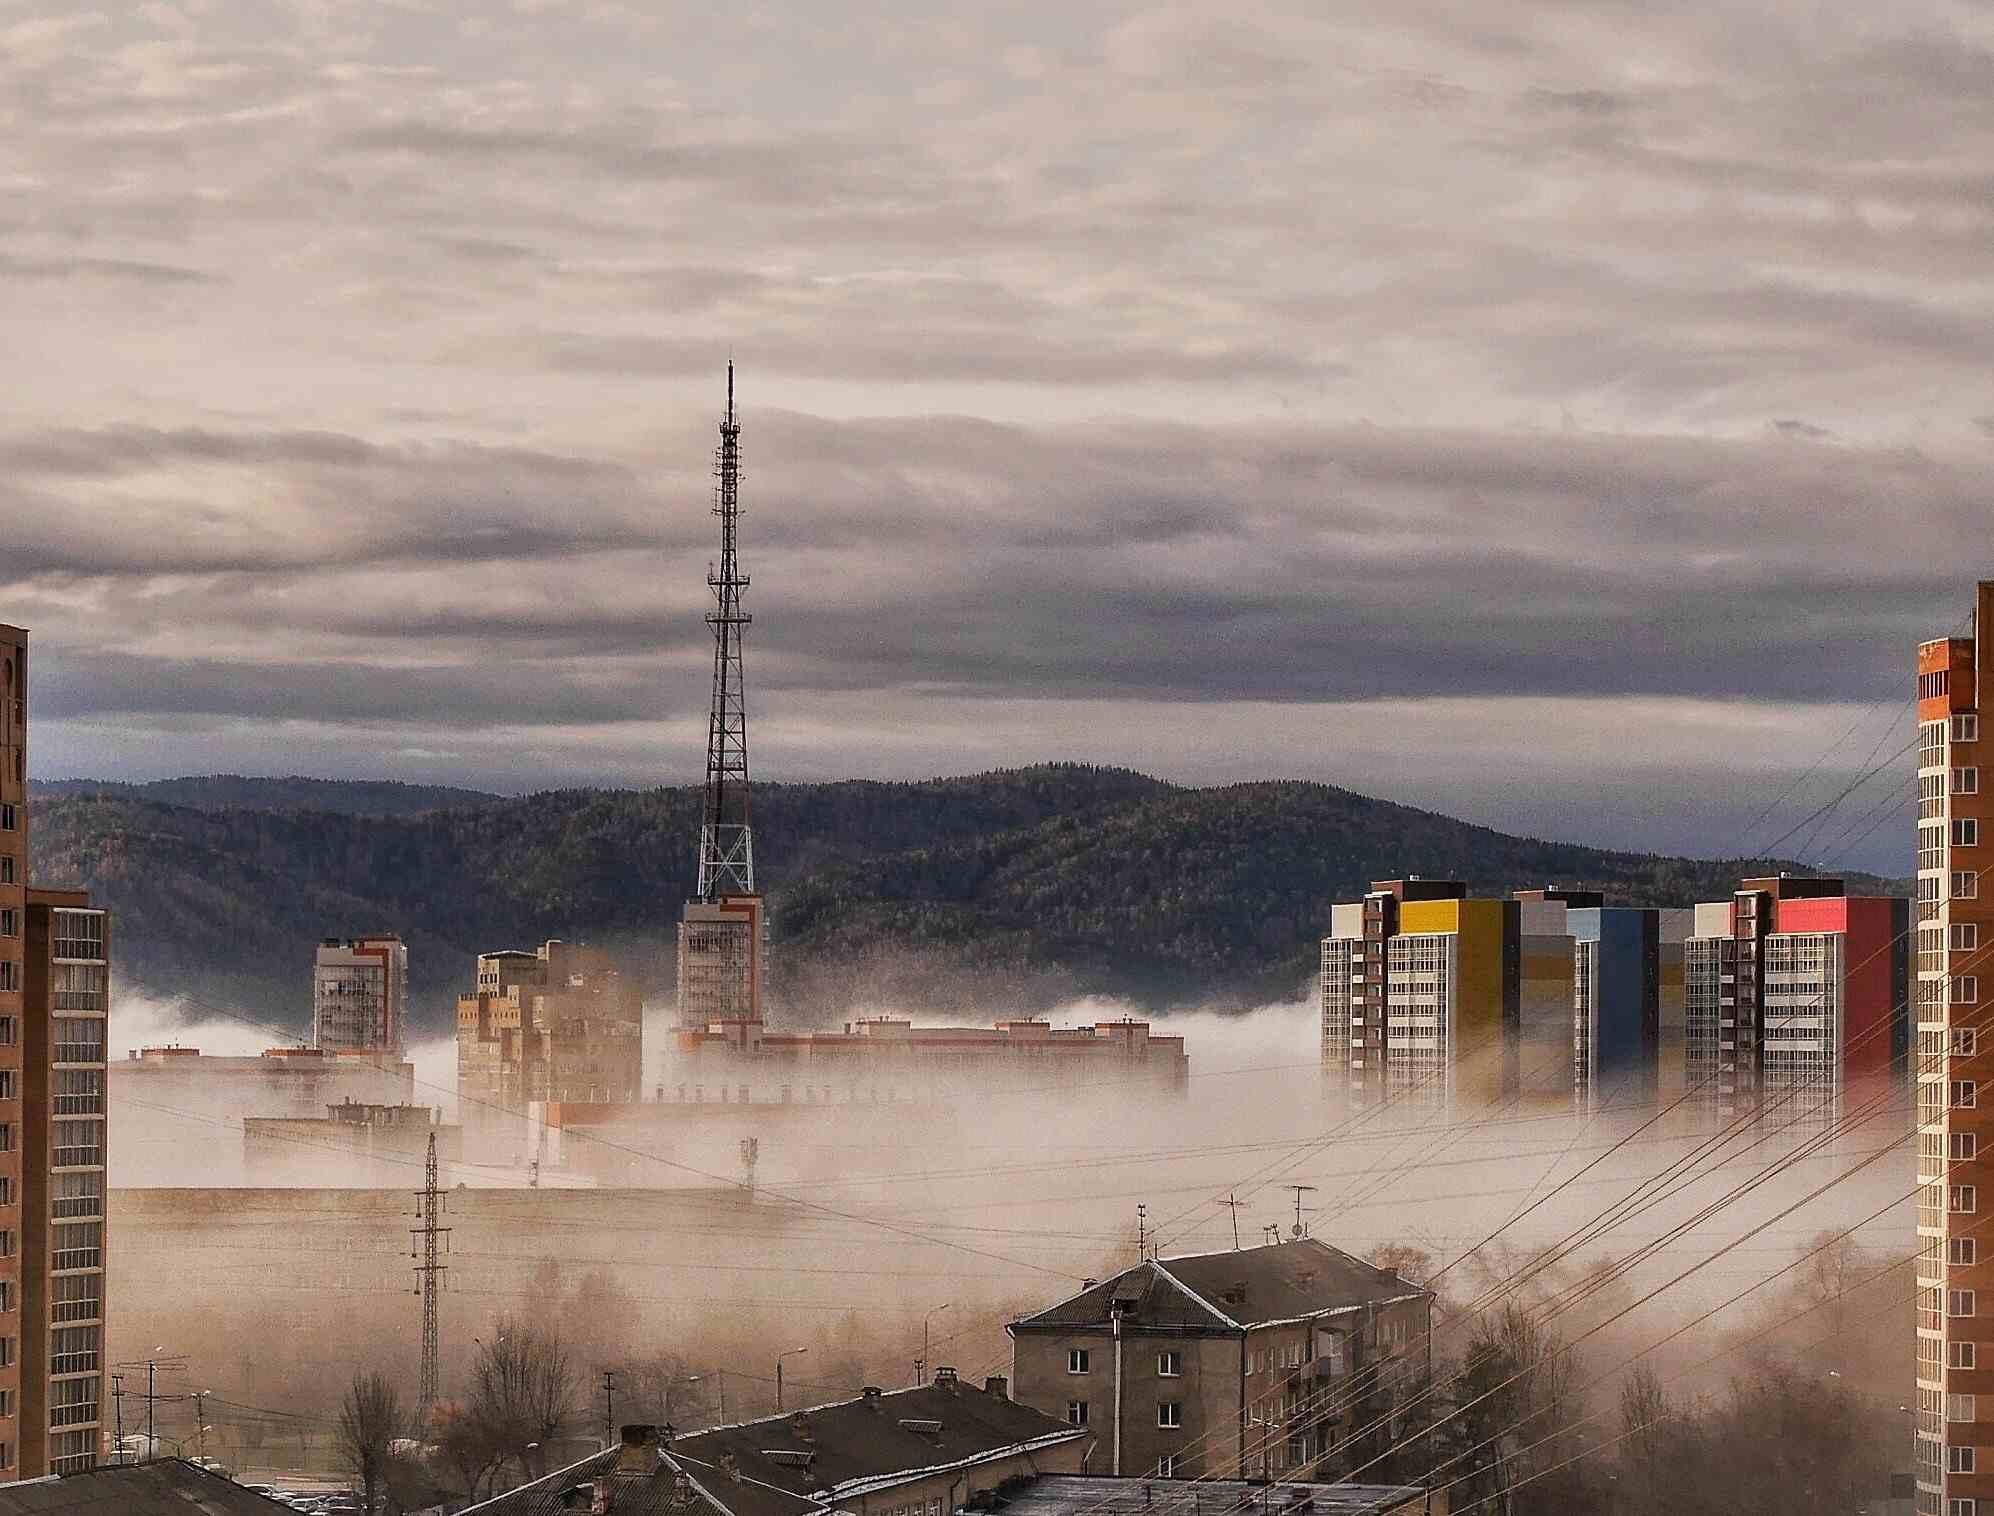 Vista de la fábrica contra el cielo nublado